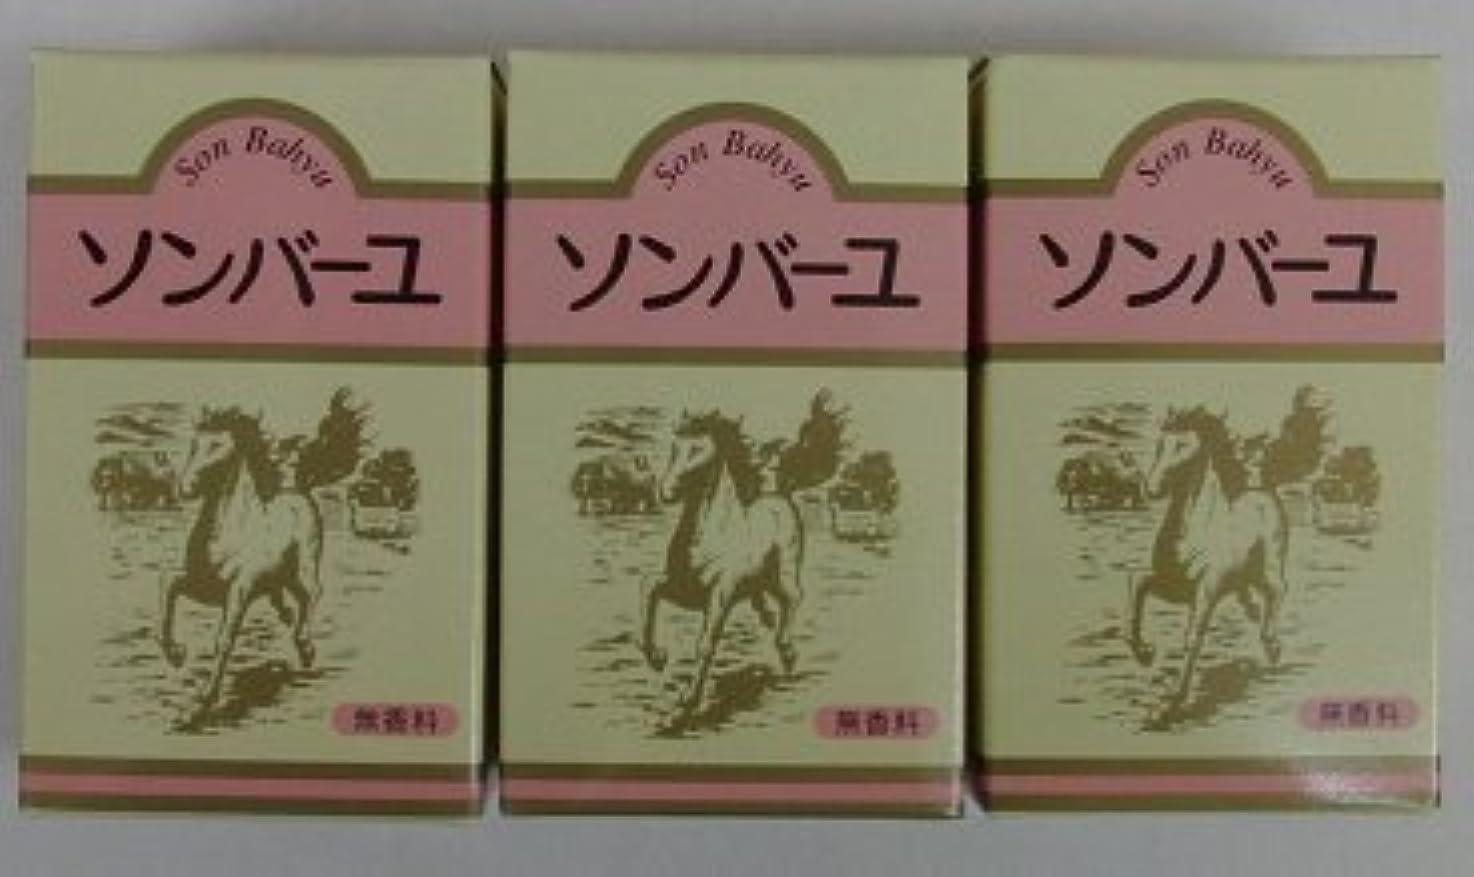 よろしく鹿大いにソンバーユ 無香料 70mlx3個セット